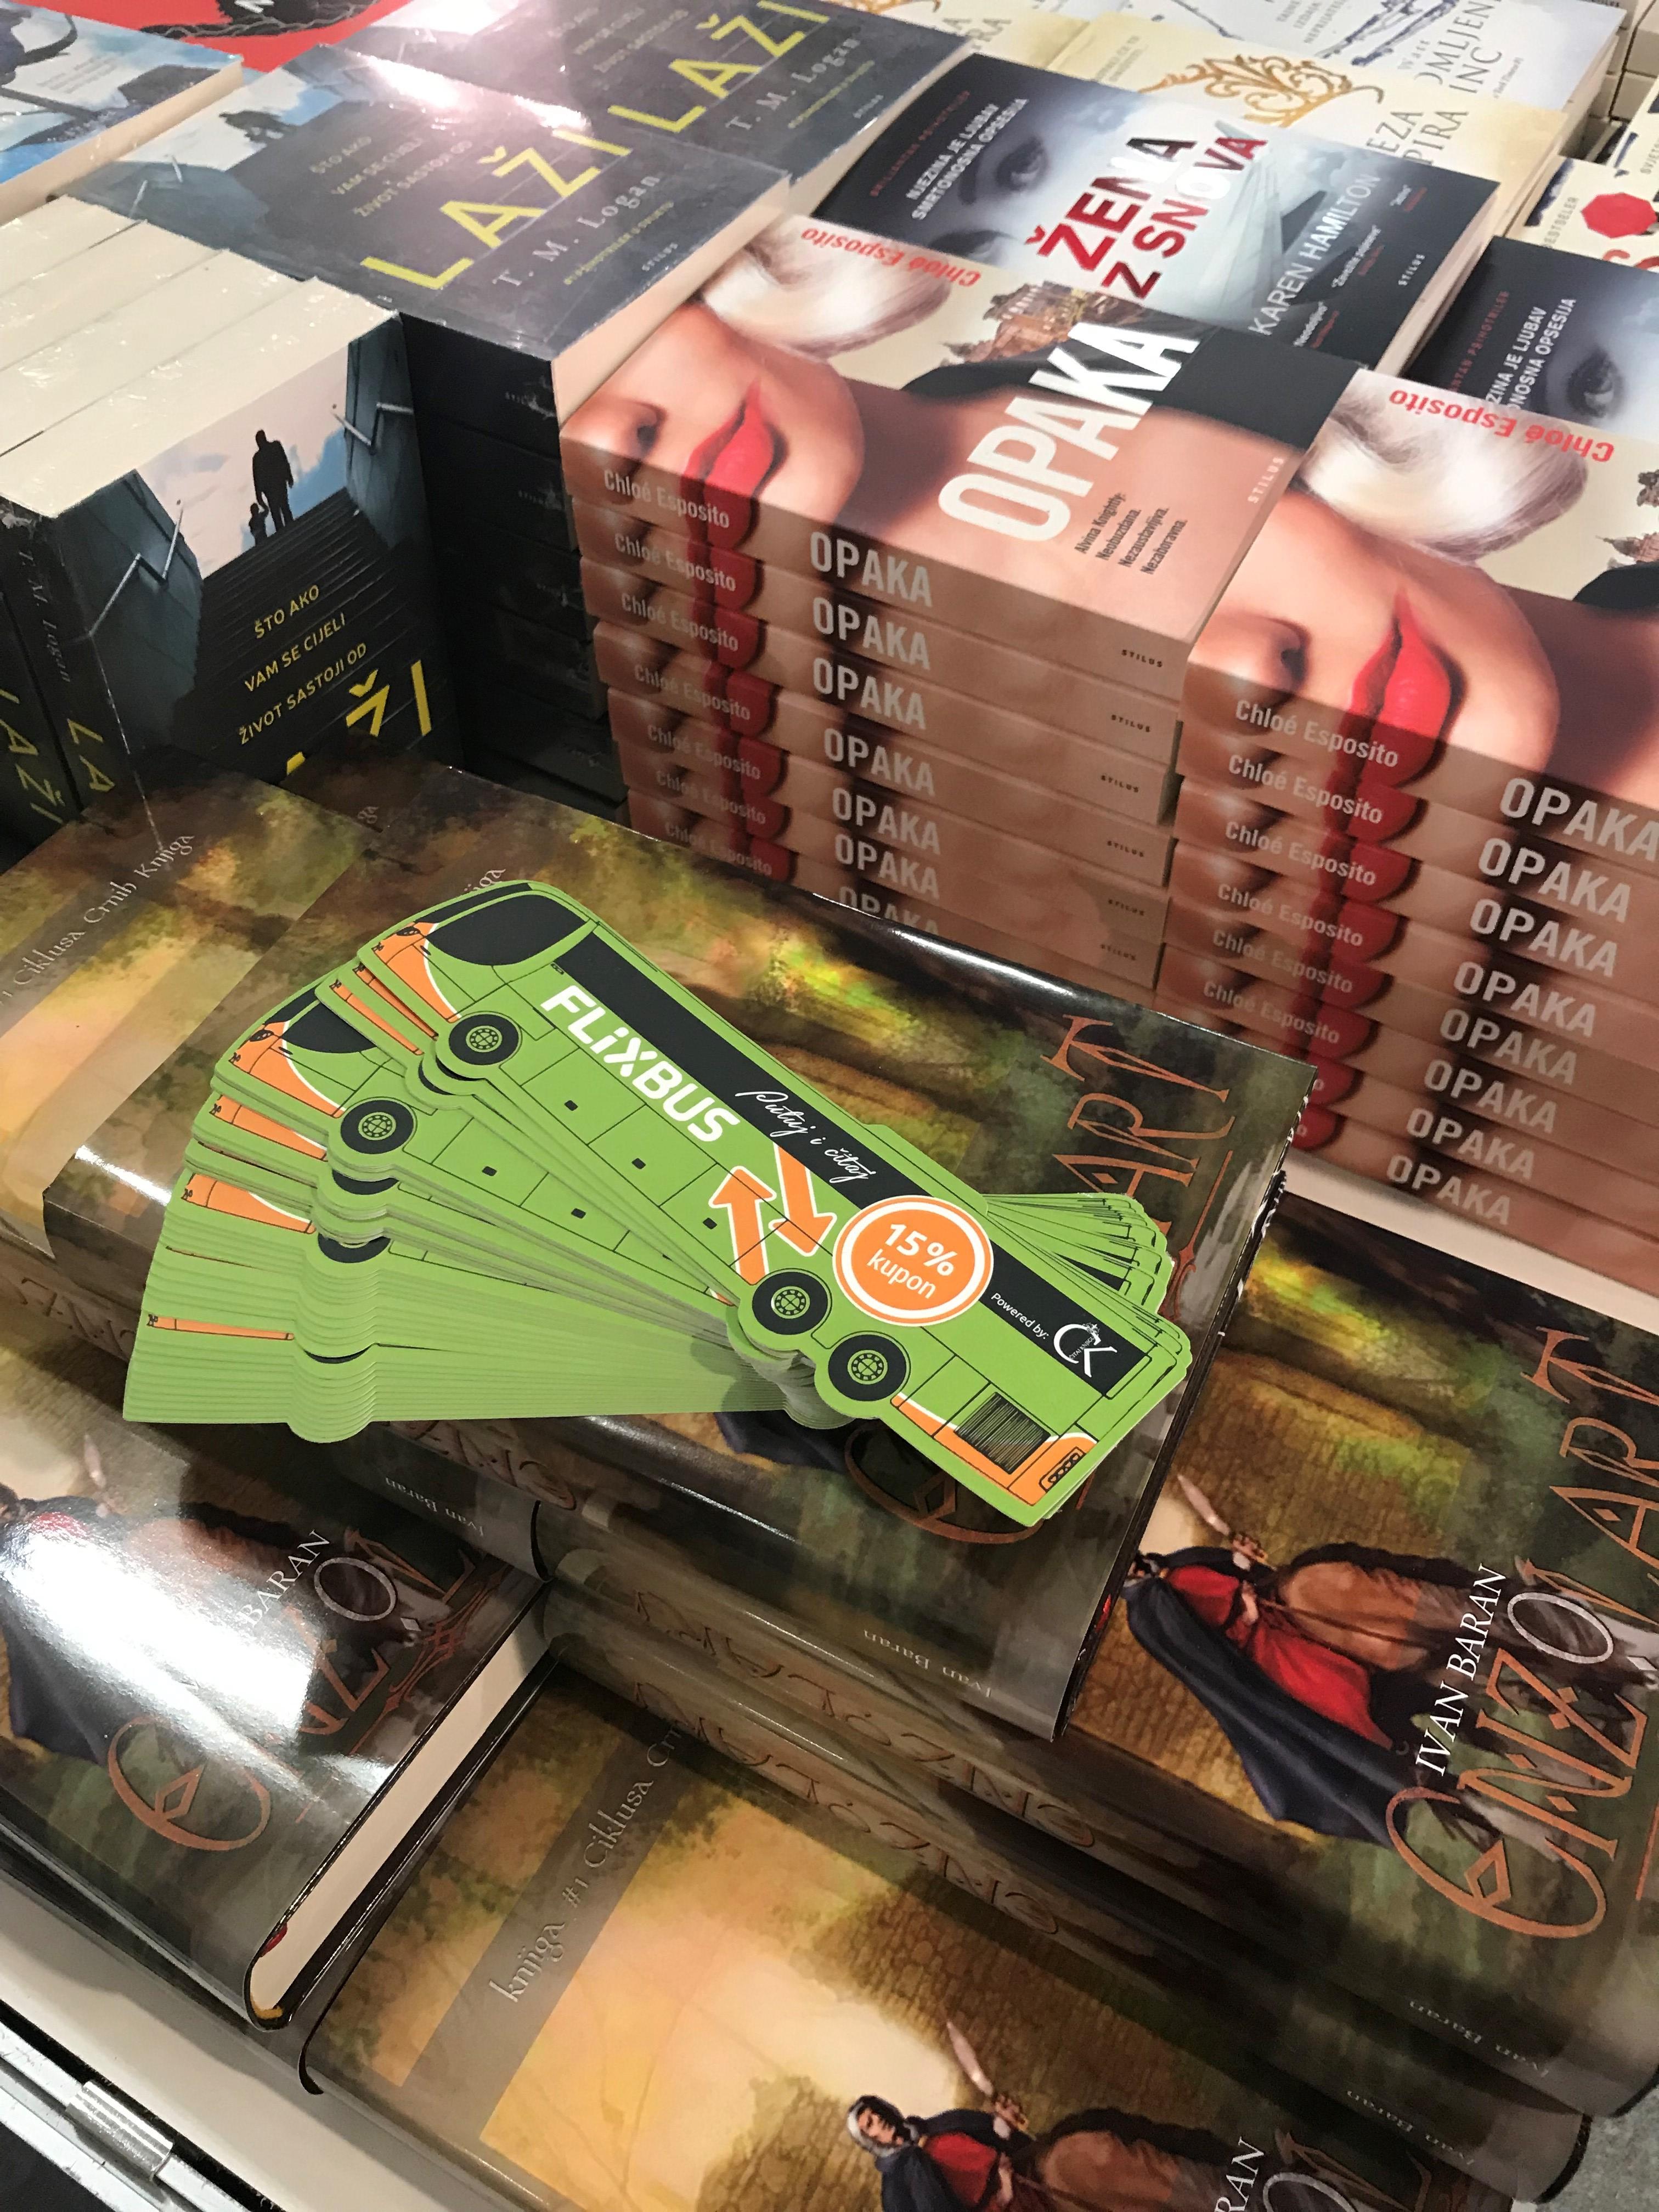 Photo of FlixBus daruje popuste na putovanja, a ako se zateknete u busu s knjigom očekujte dodatne pogodnosti!